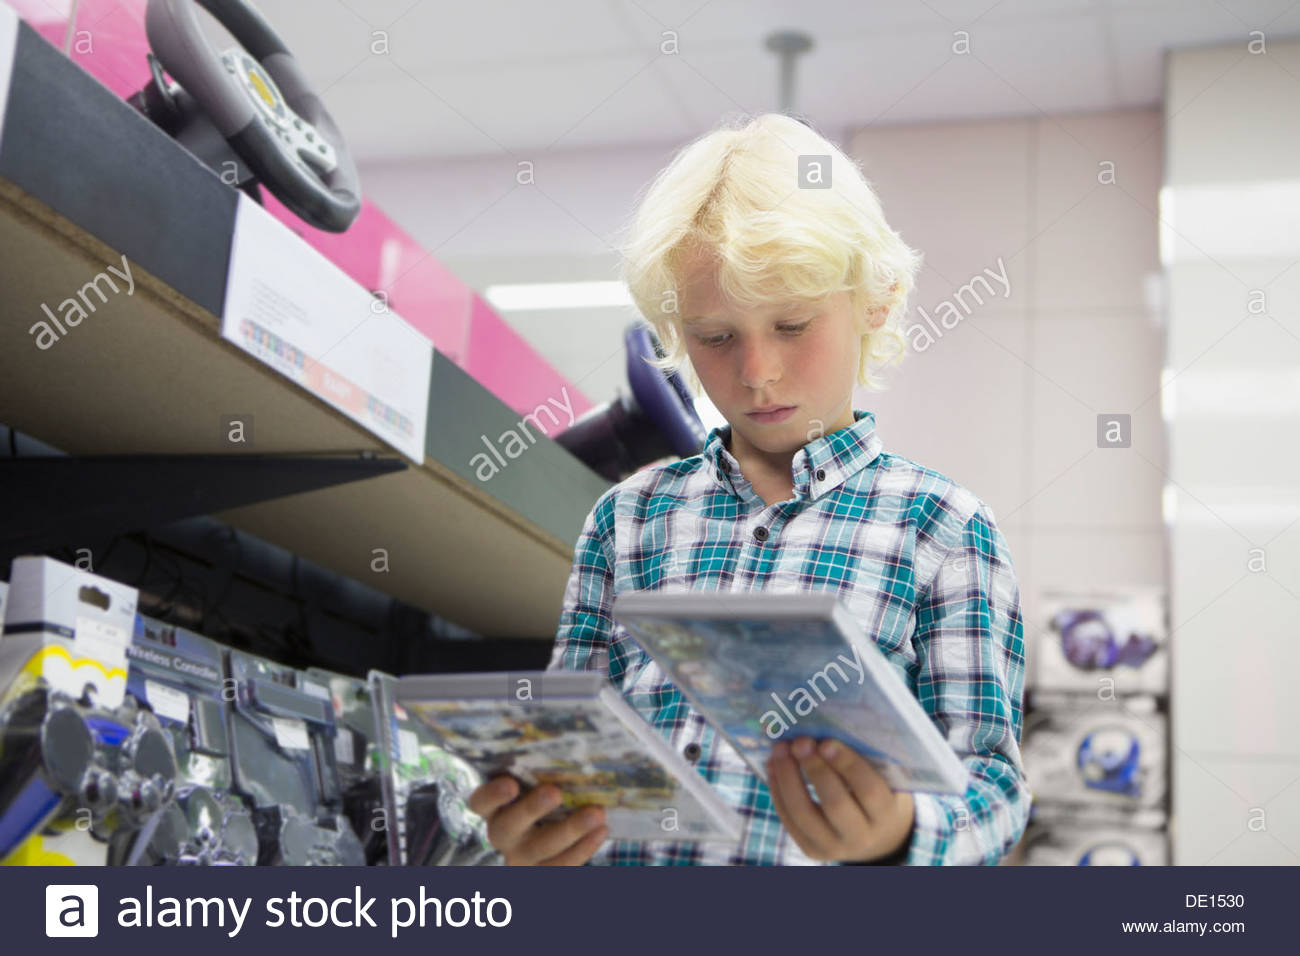 Chico busca en juegos de video en la tienda de electrónica Imagen De Stock